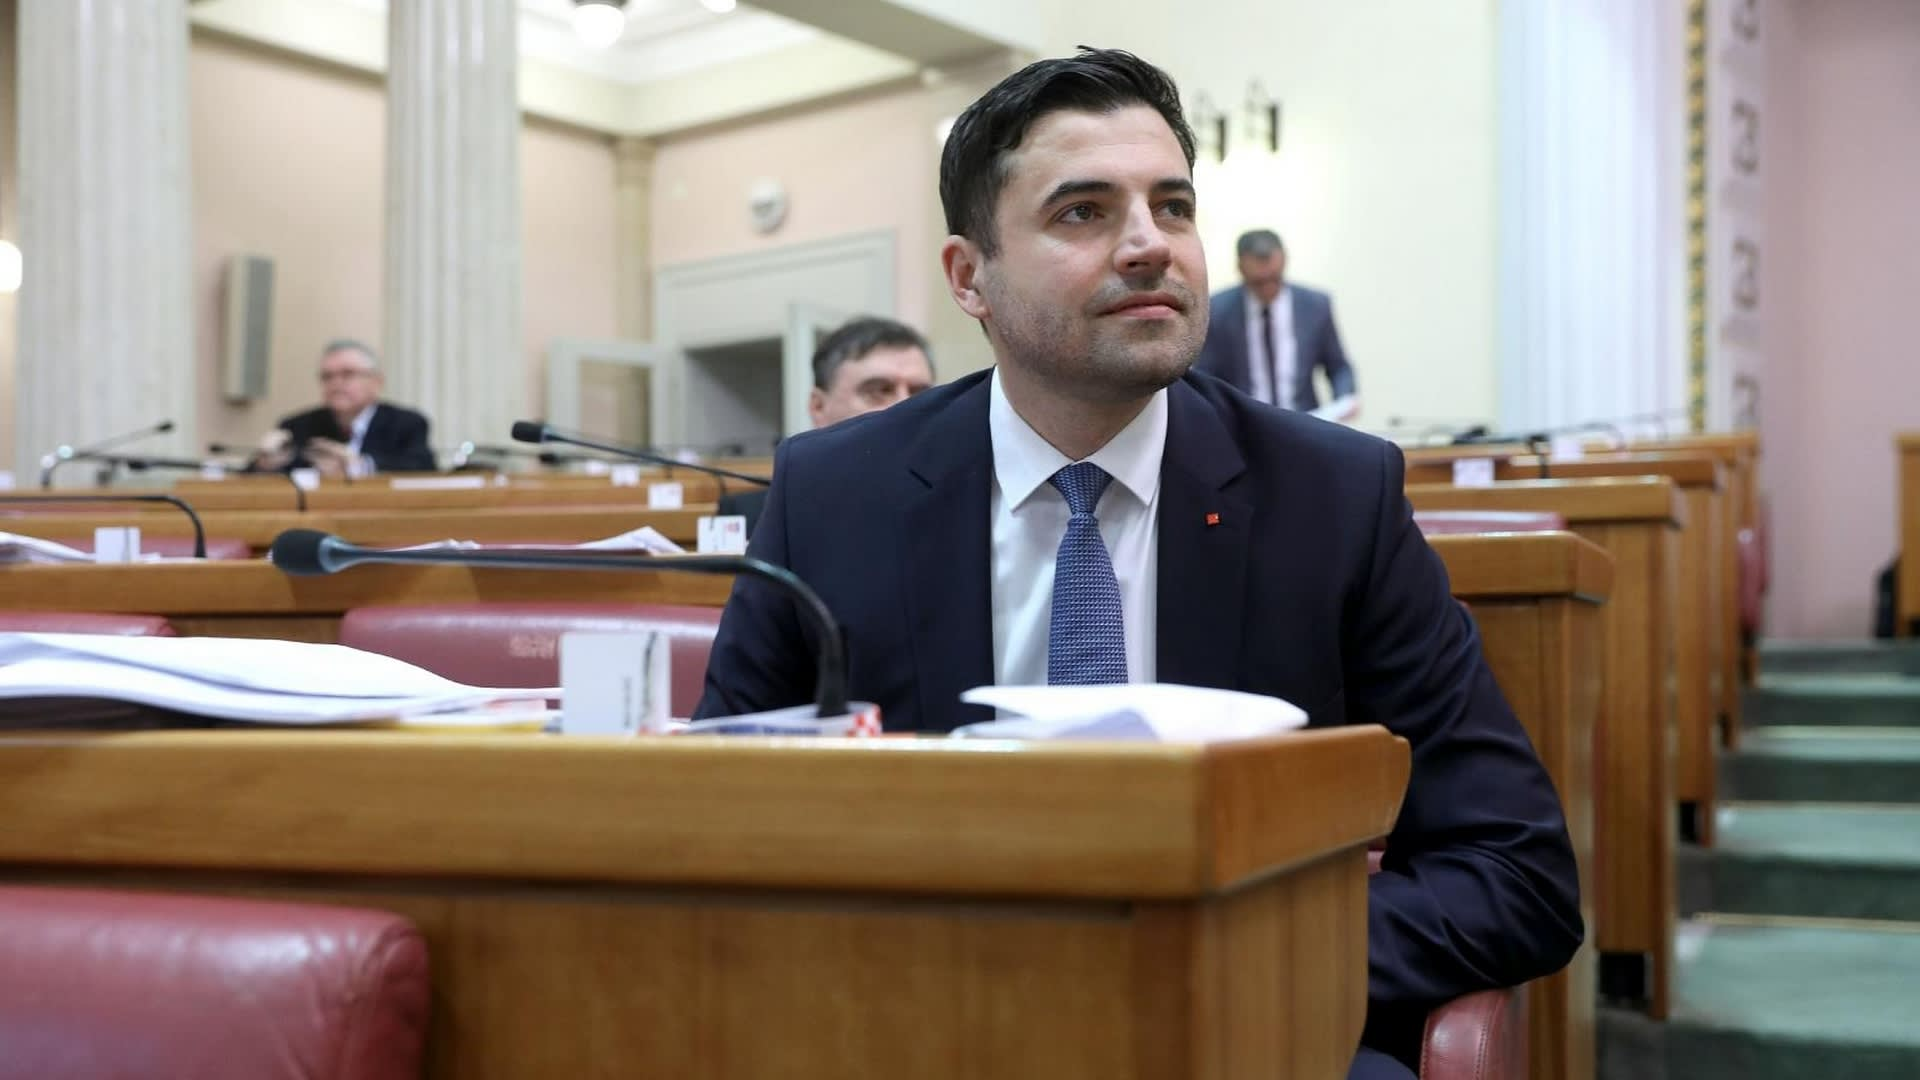 Davor Bernardić presidente del SDP. (Foto: Patrik Macek/PIXSELL)